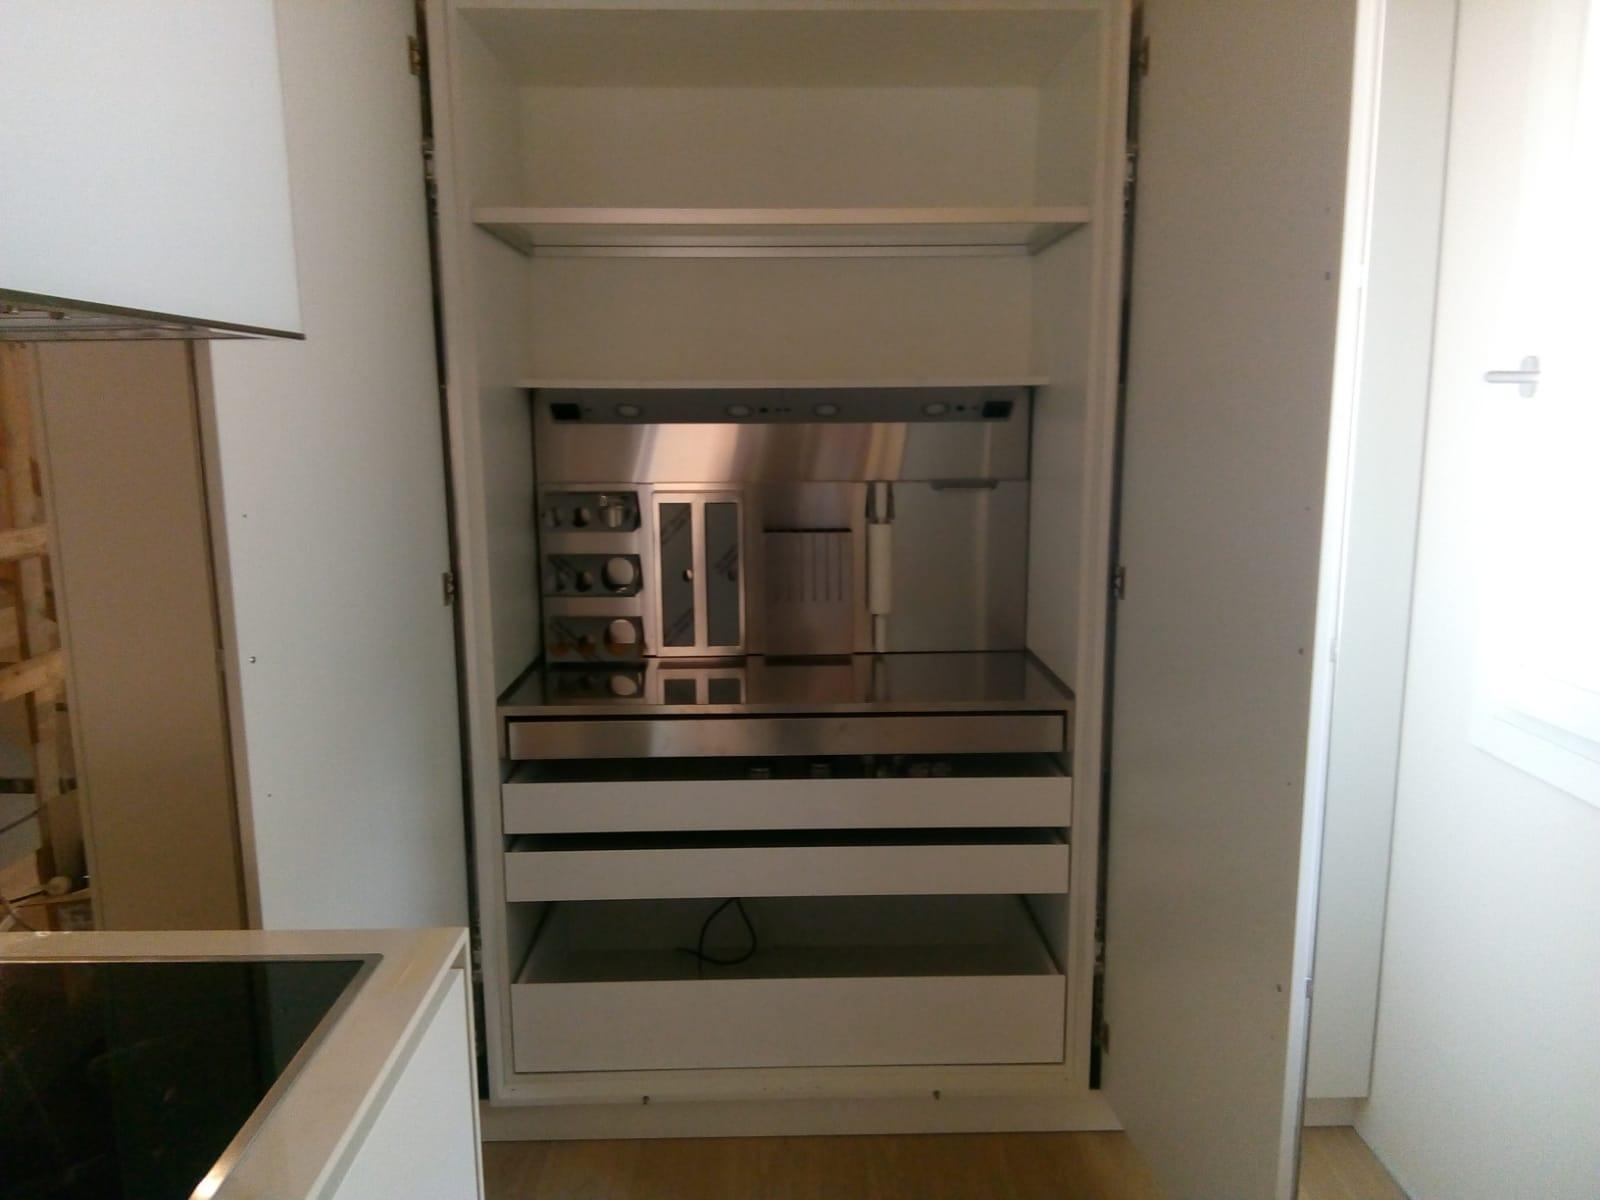 cucine moderne su misura bianche ESCAPE='HTML'